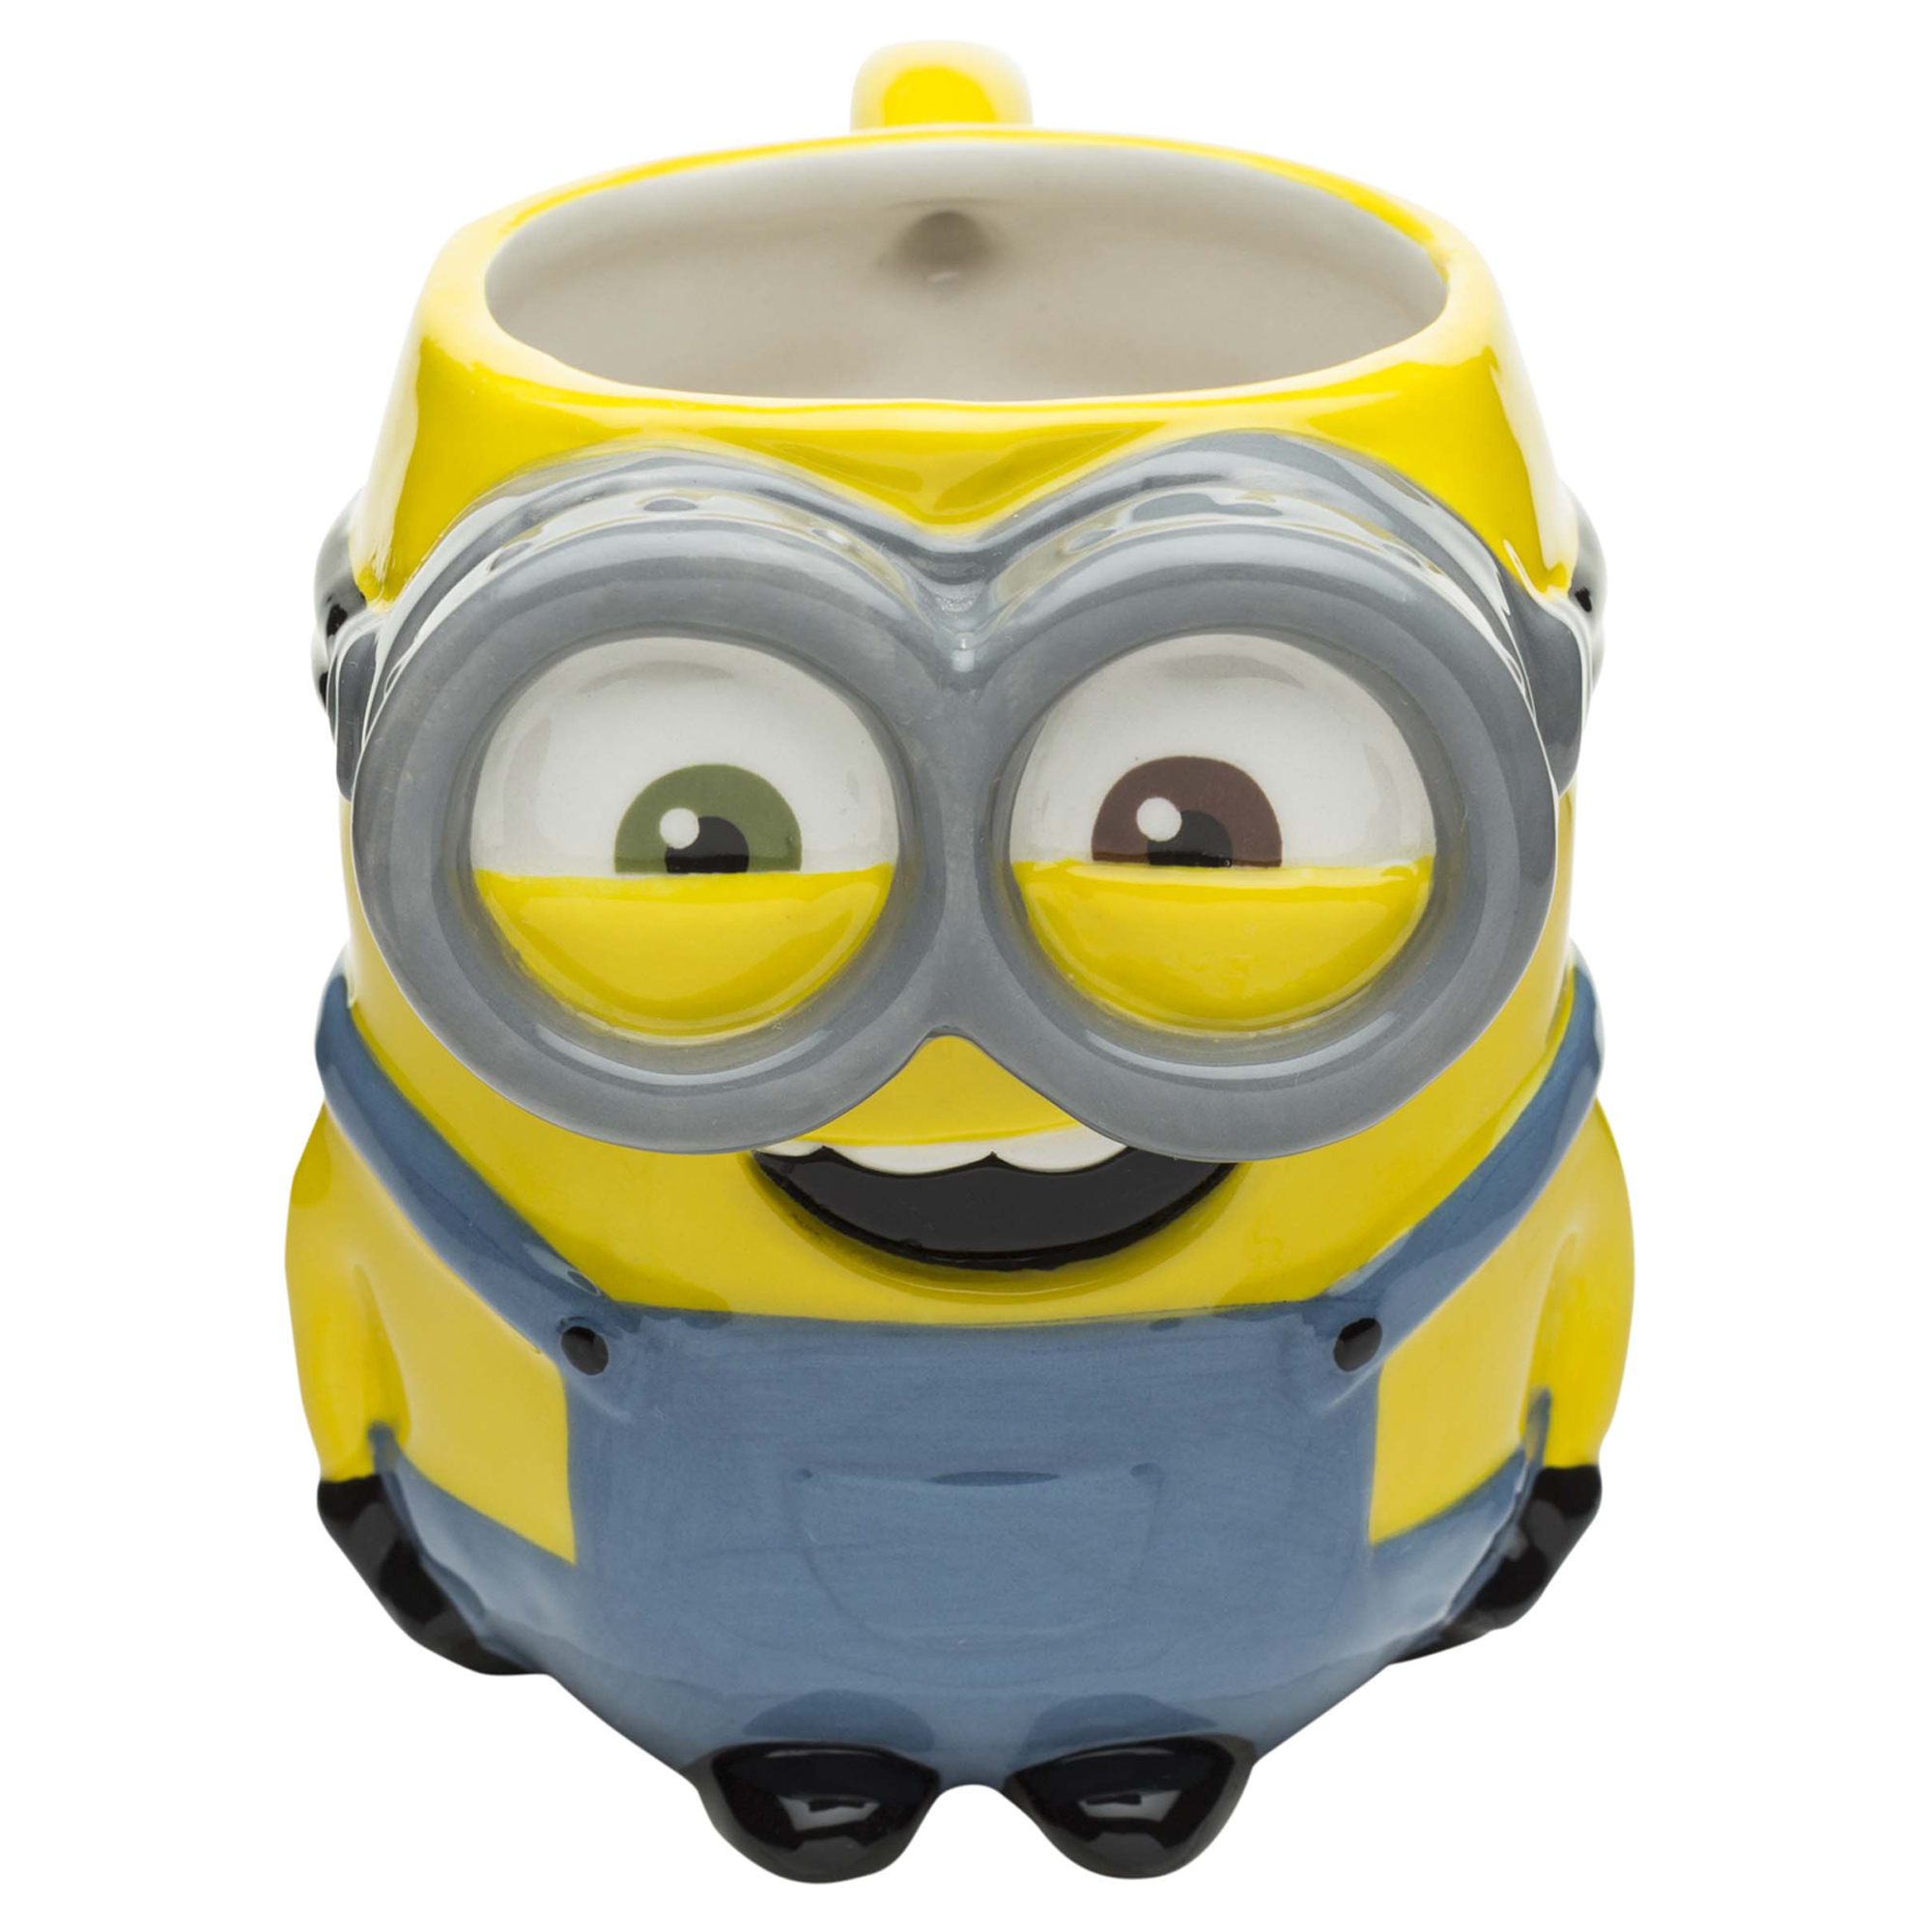 Despicable Me 3 Coffee Mug, Bob the Minion slideshow image 2